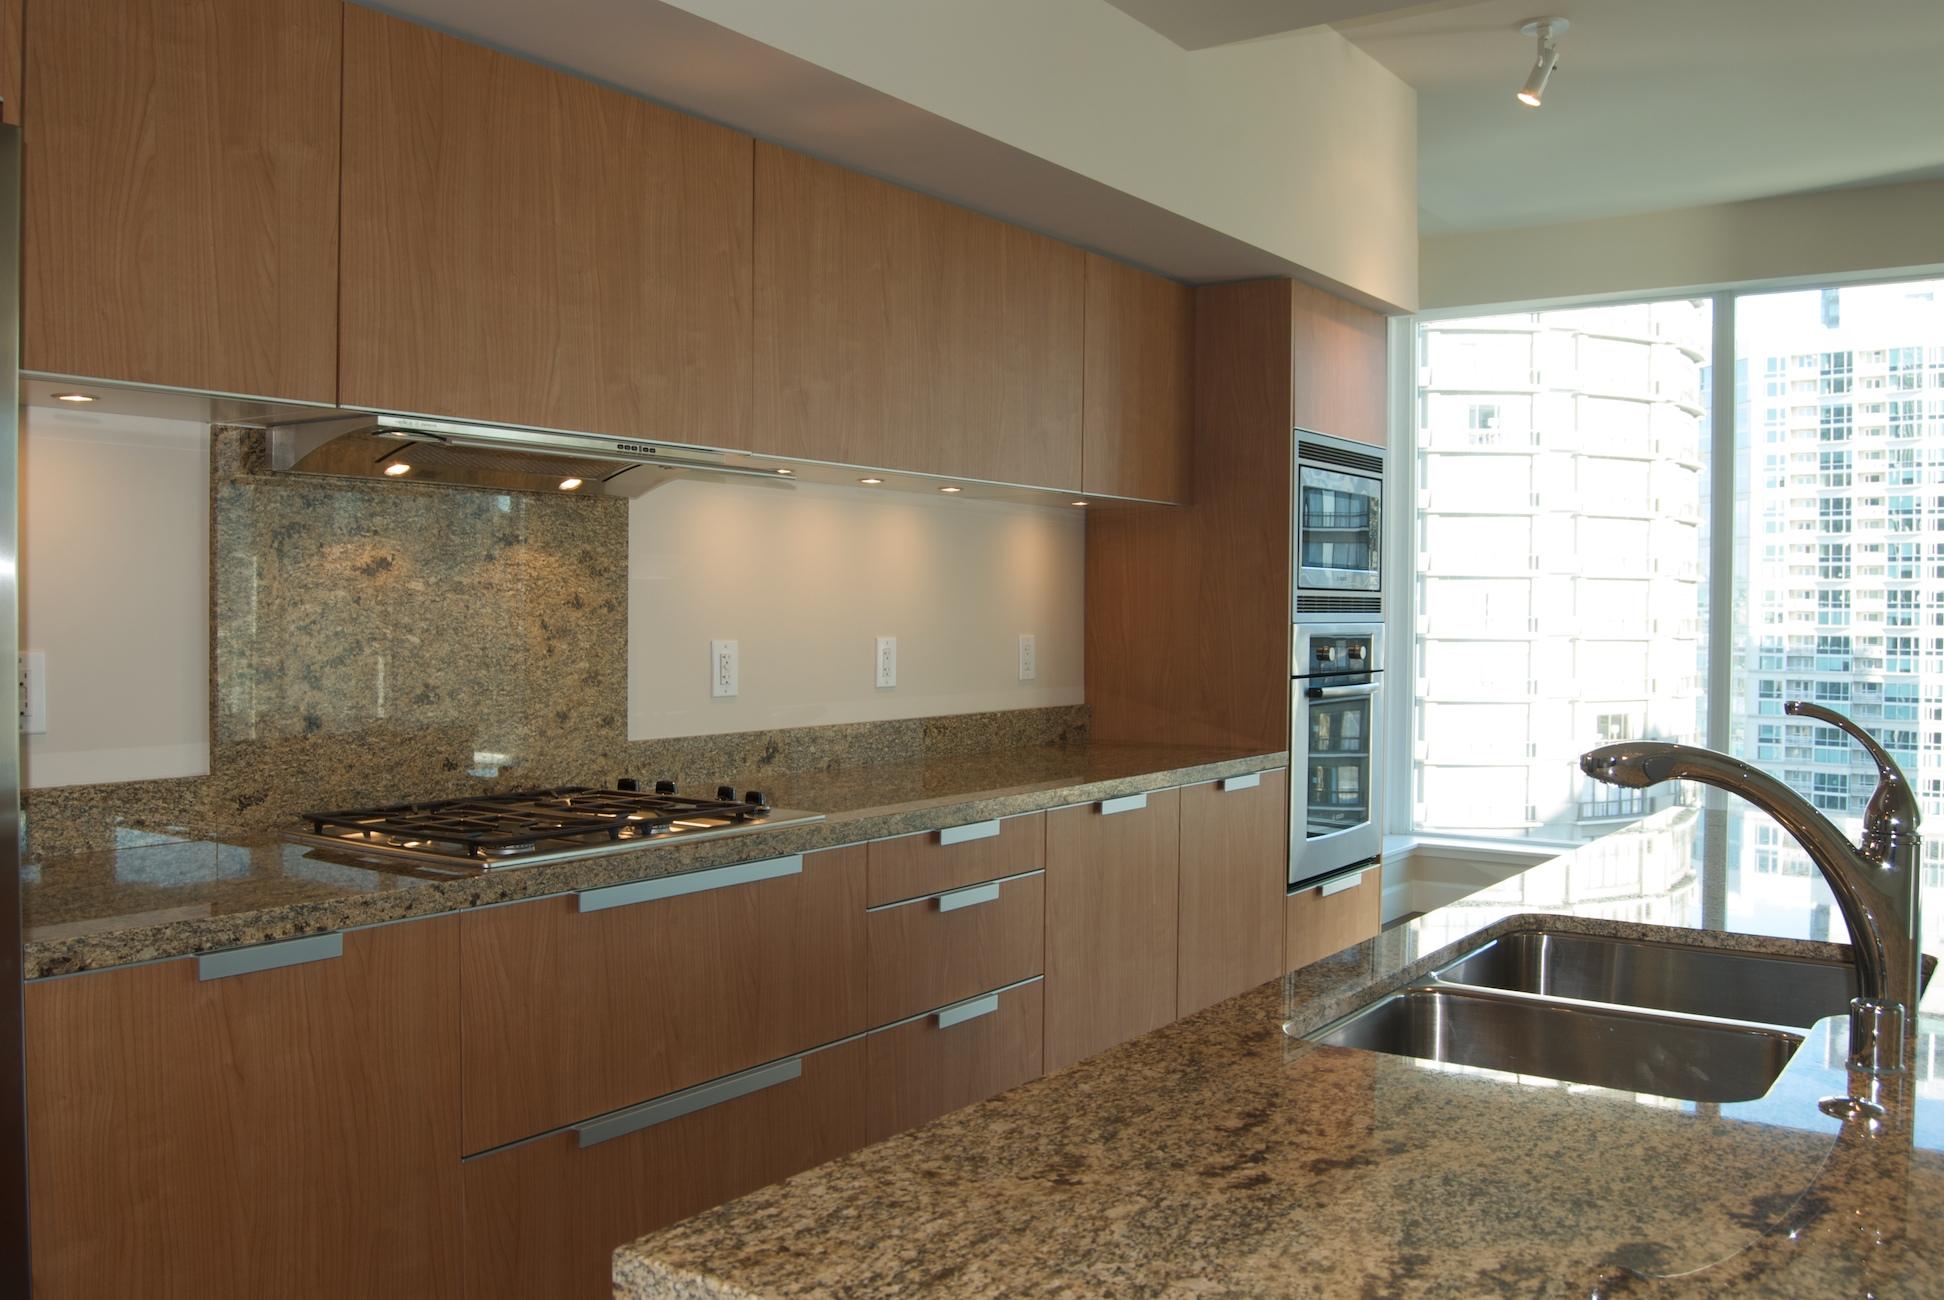 Suite 1508 Kitchen.jpg